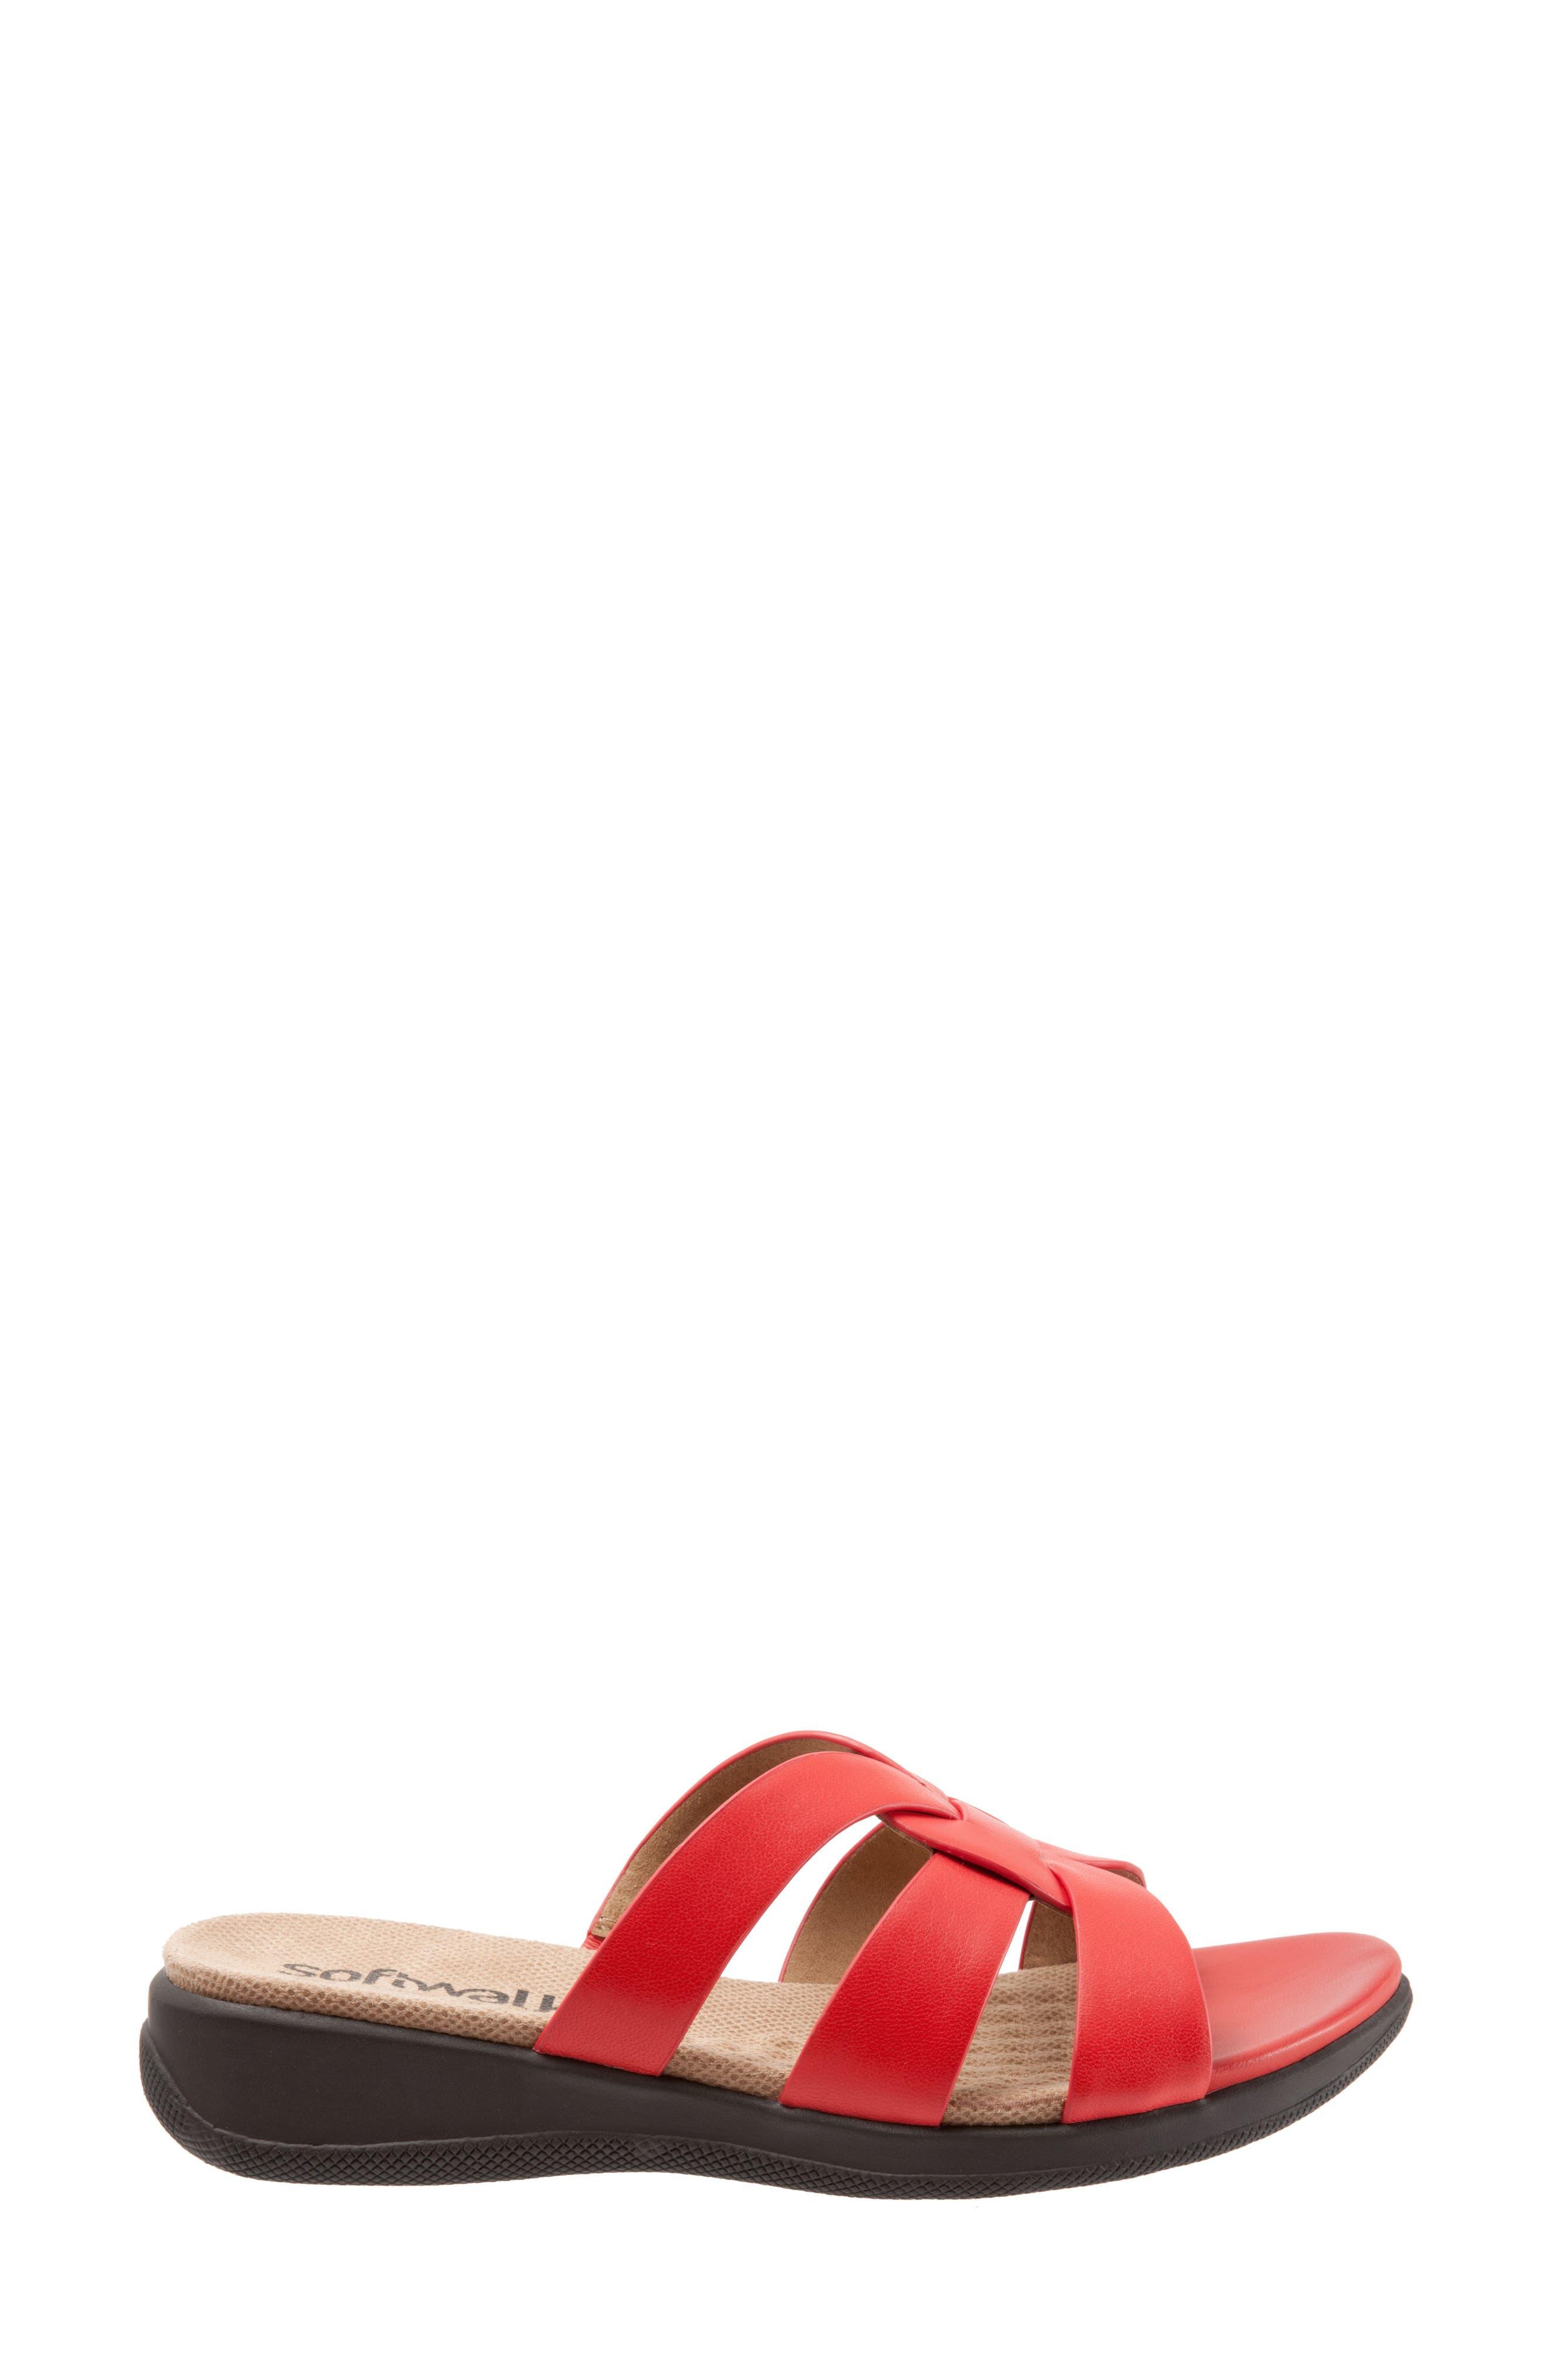 Thompson Slide Sandal,                             Alternate thumbnail 9, color,